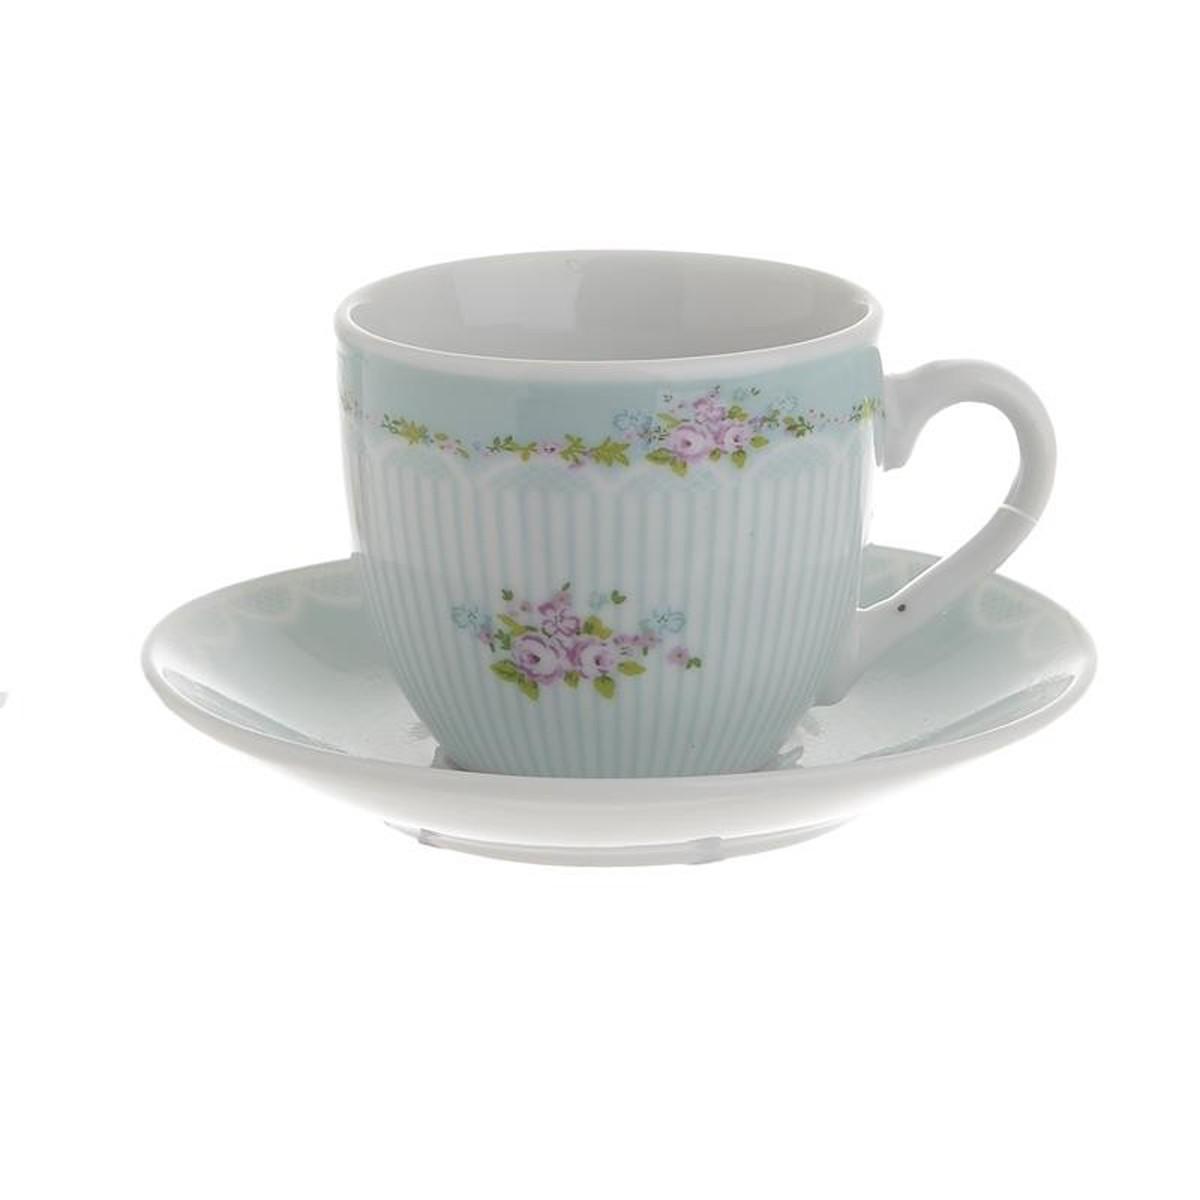 Φλυτζάνια Καφέ + Πιατάκια (Σετ 6τμχ) InArt 3-60-737-0009 72010